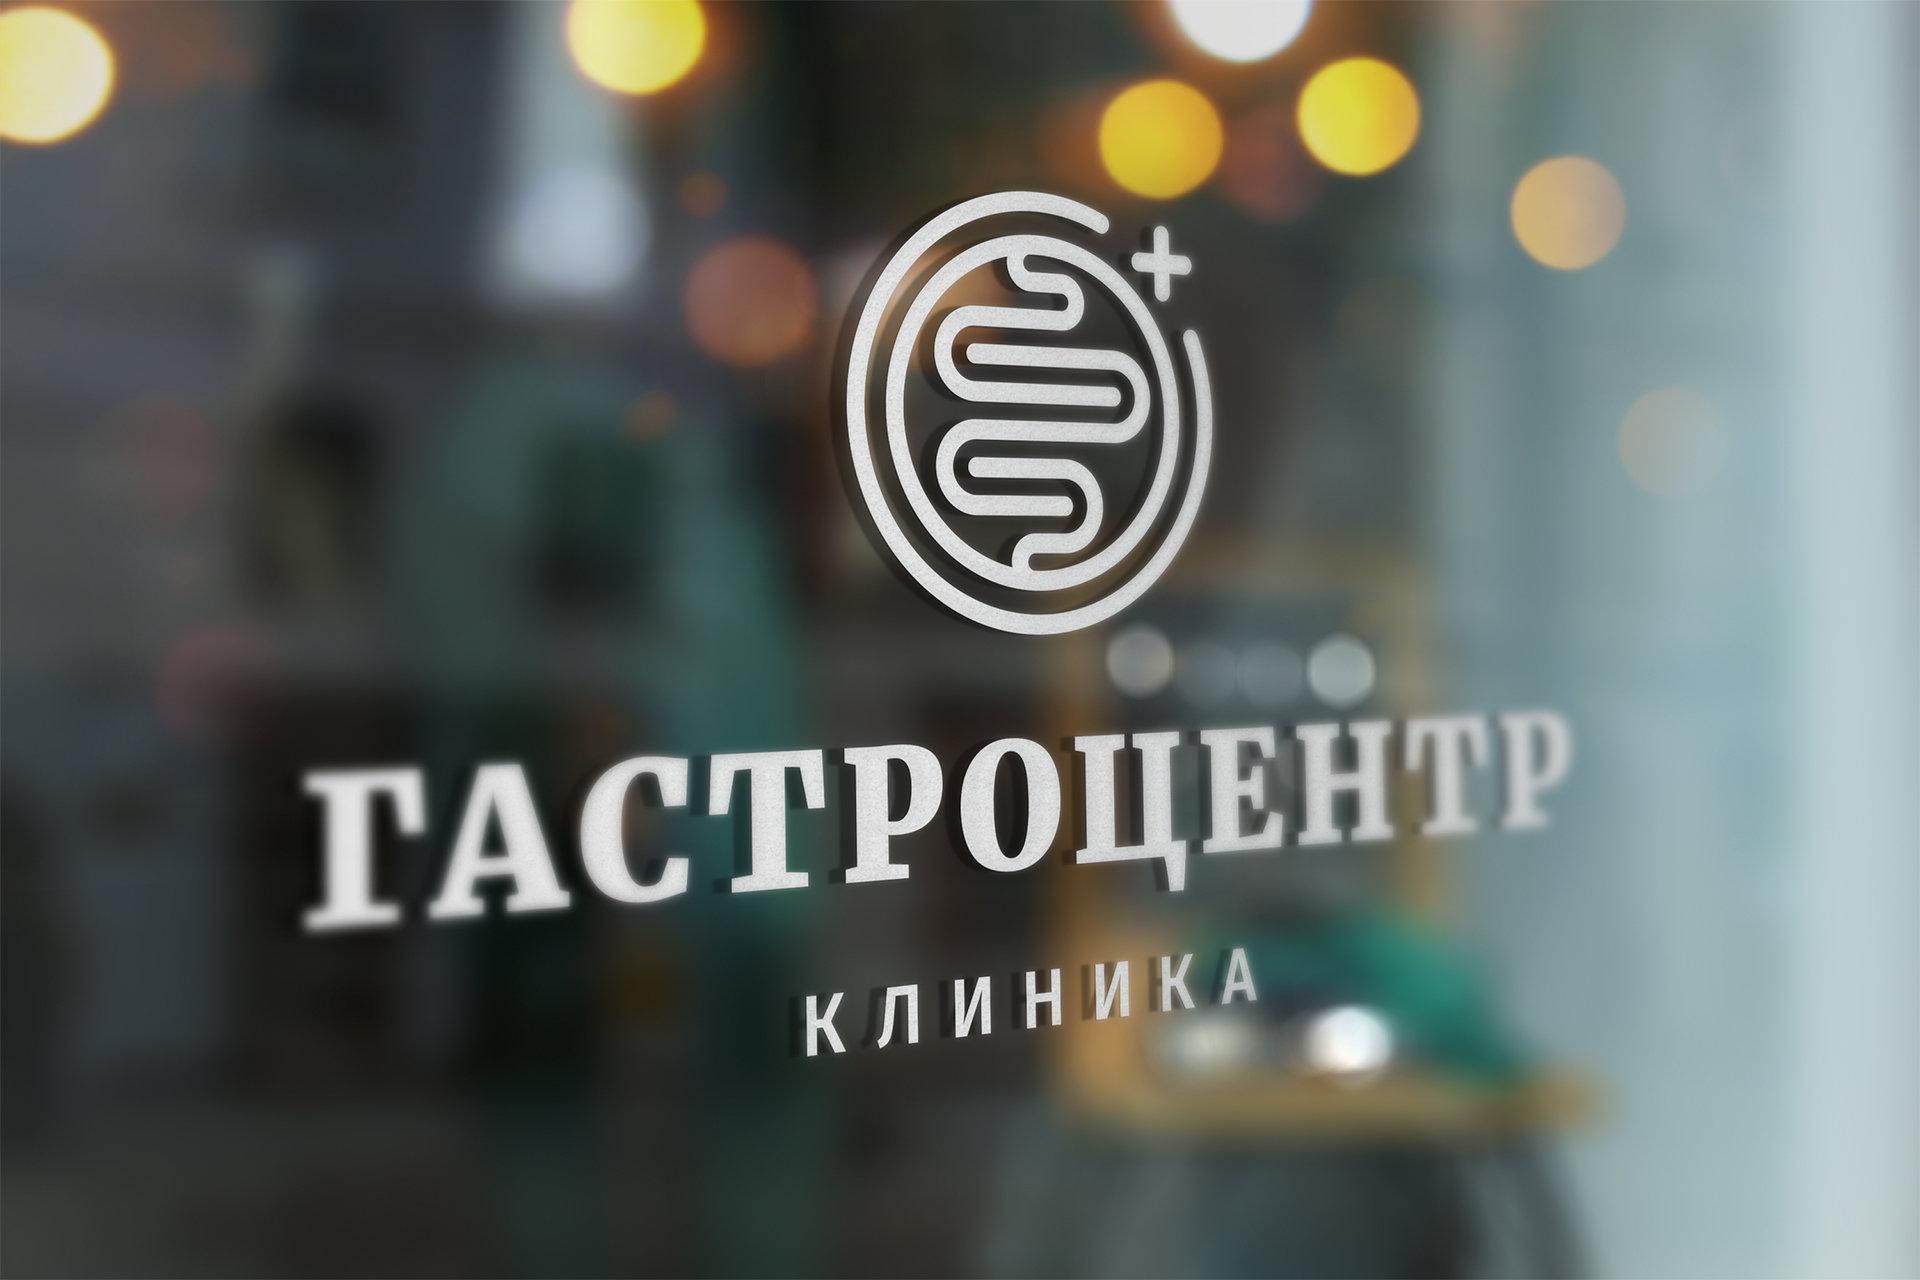 фотография Клиники ГАСТРОЦЕНТР на Комсомольской улице